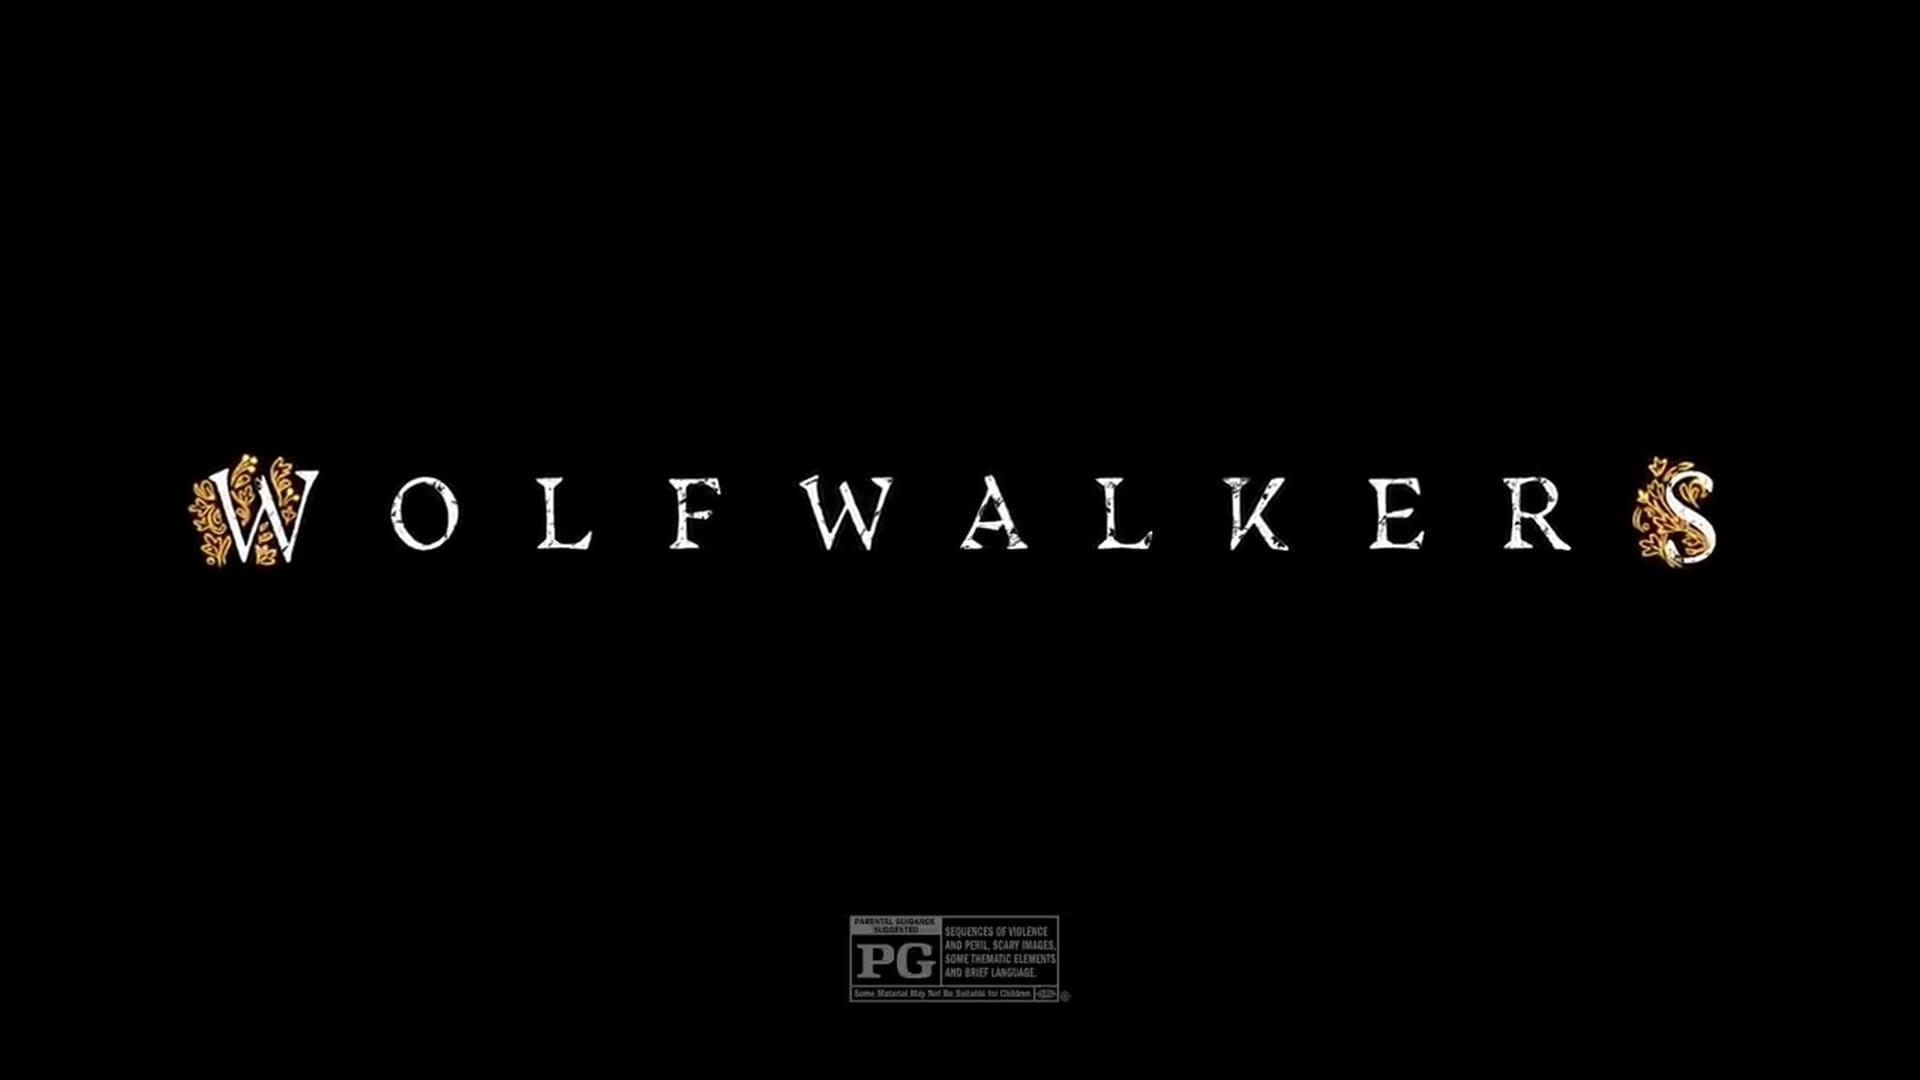 """Firma Apple dodała nowy trailer filmu animowanego """"Wolfwalkers"""""""